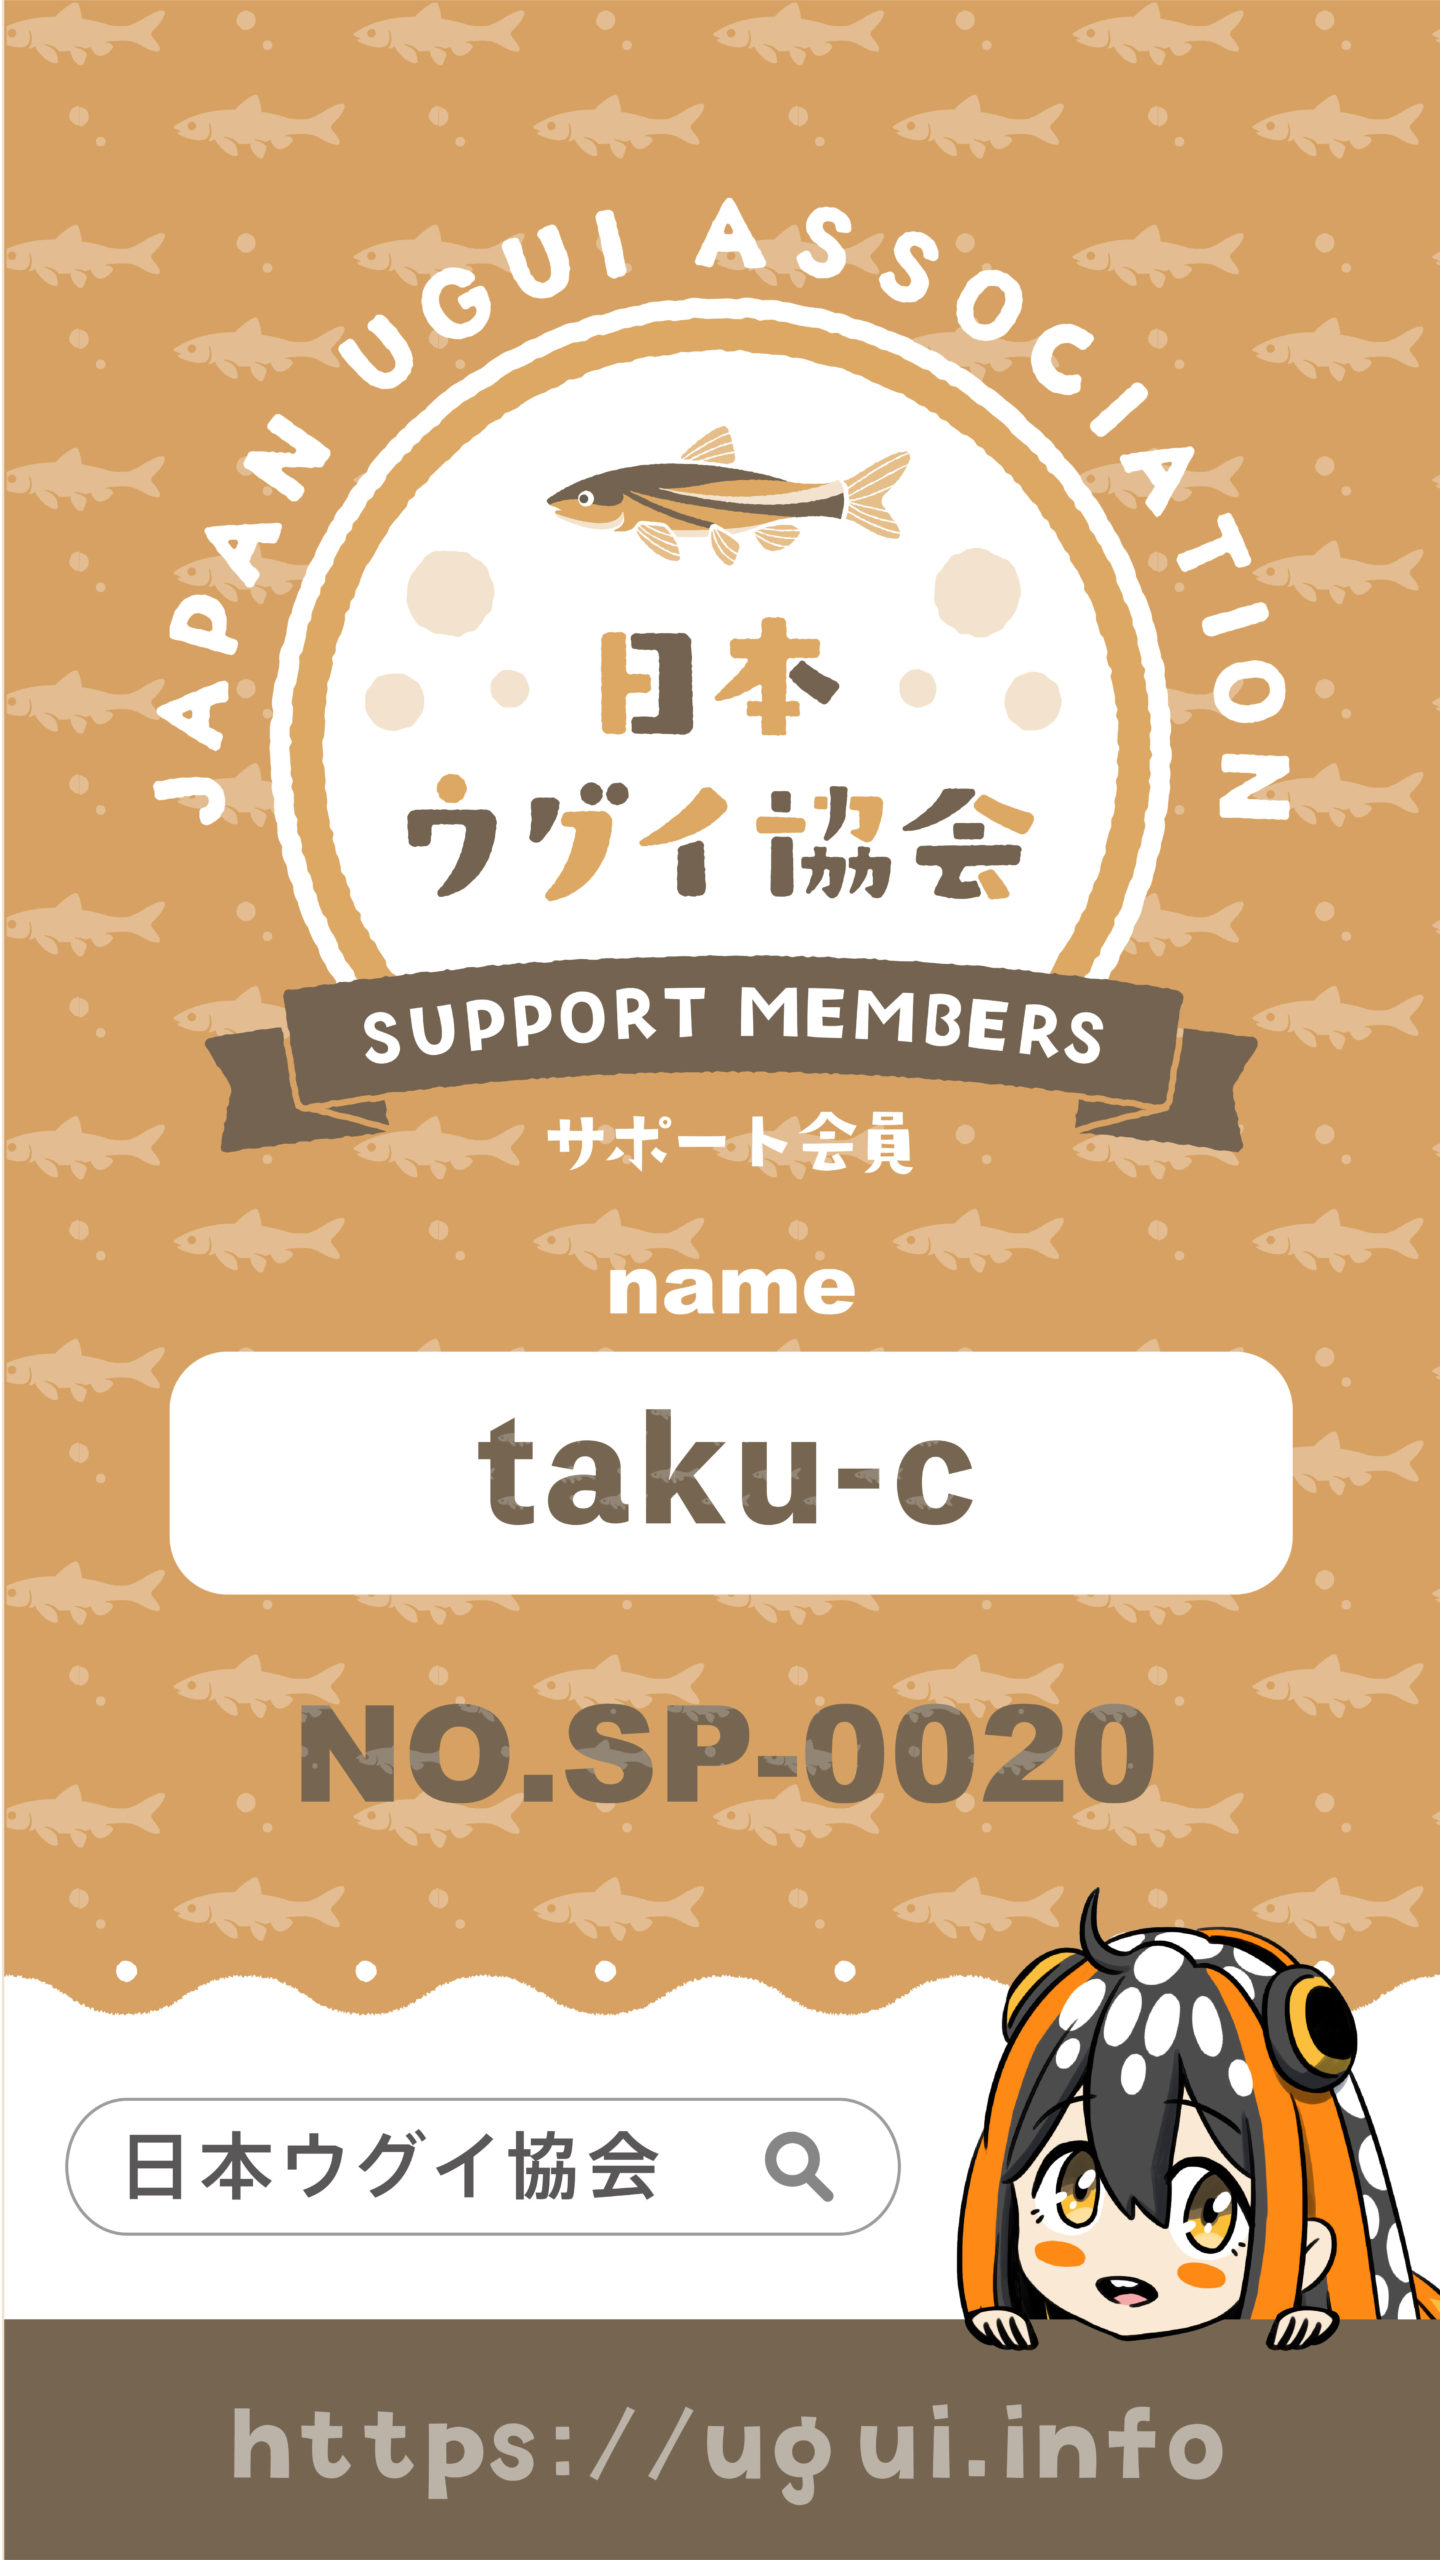 日本ウグイ協会 サポート会員 taku-c